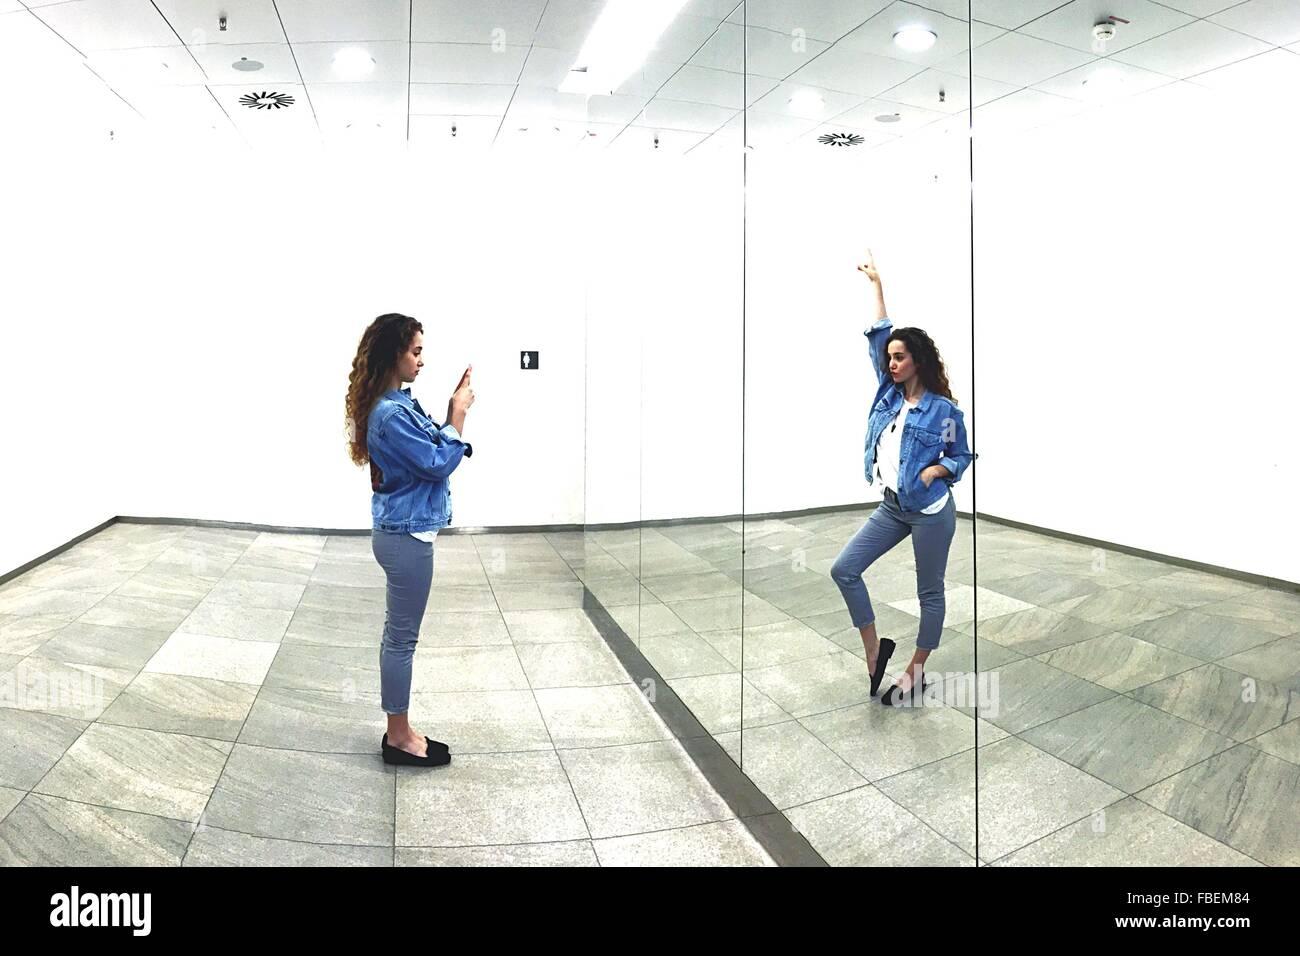 Digital erzeugte Bild Frau fotografieren sich selbst im Spiegel an beleuchteten Raum Stockbild